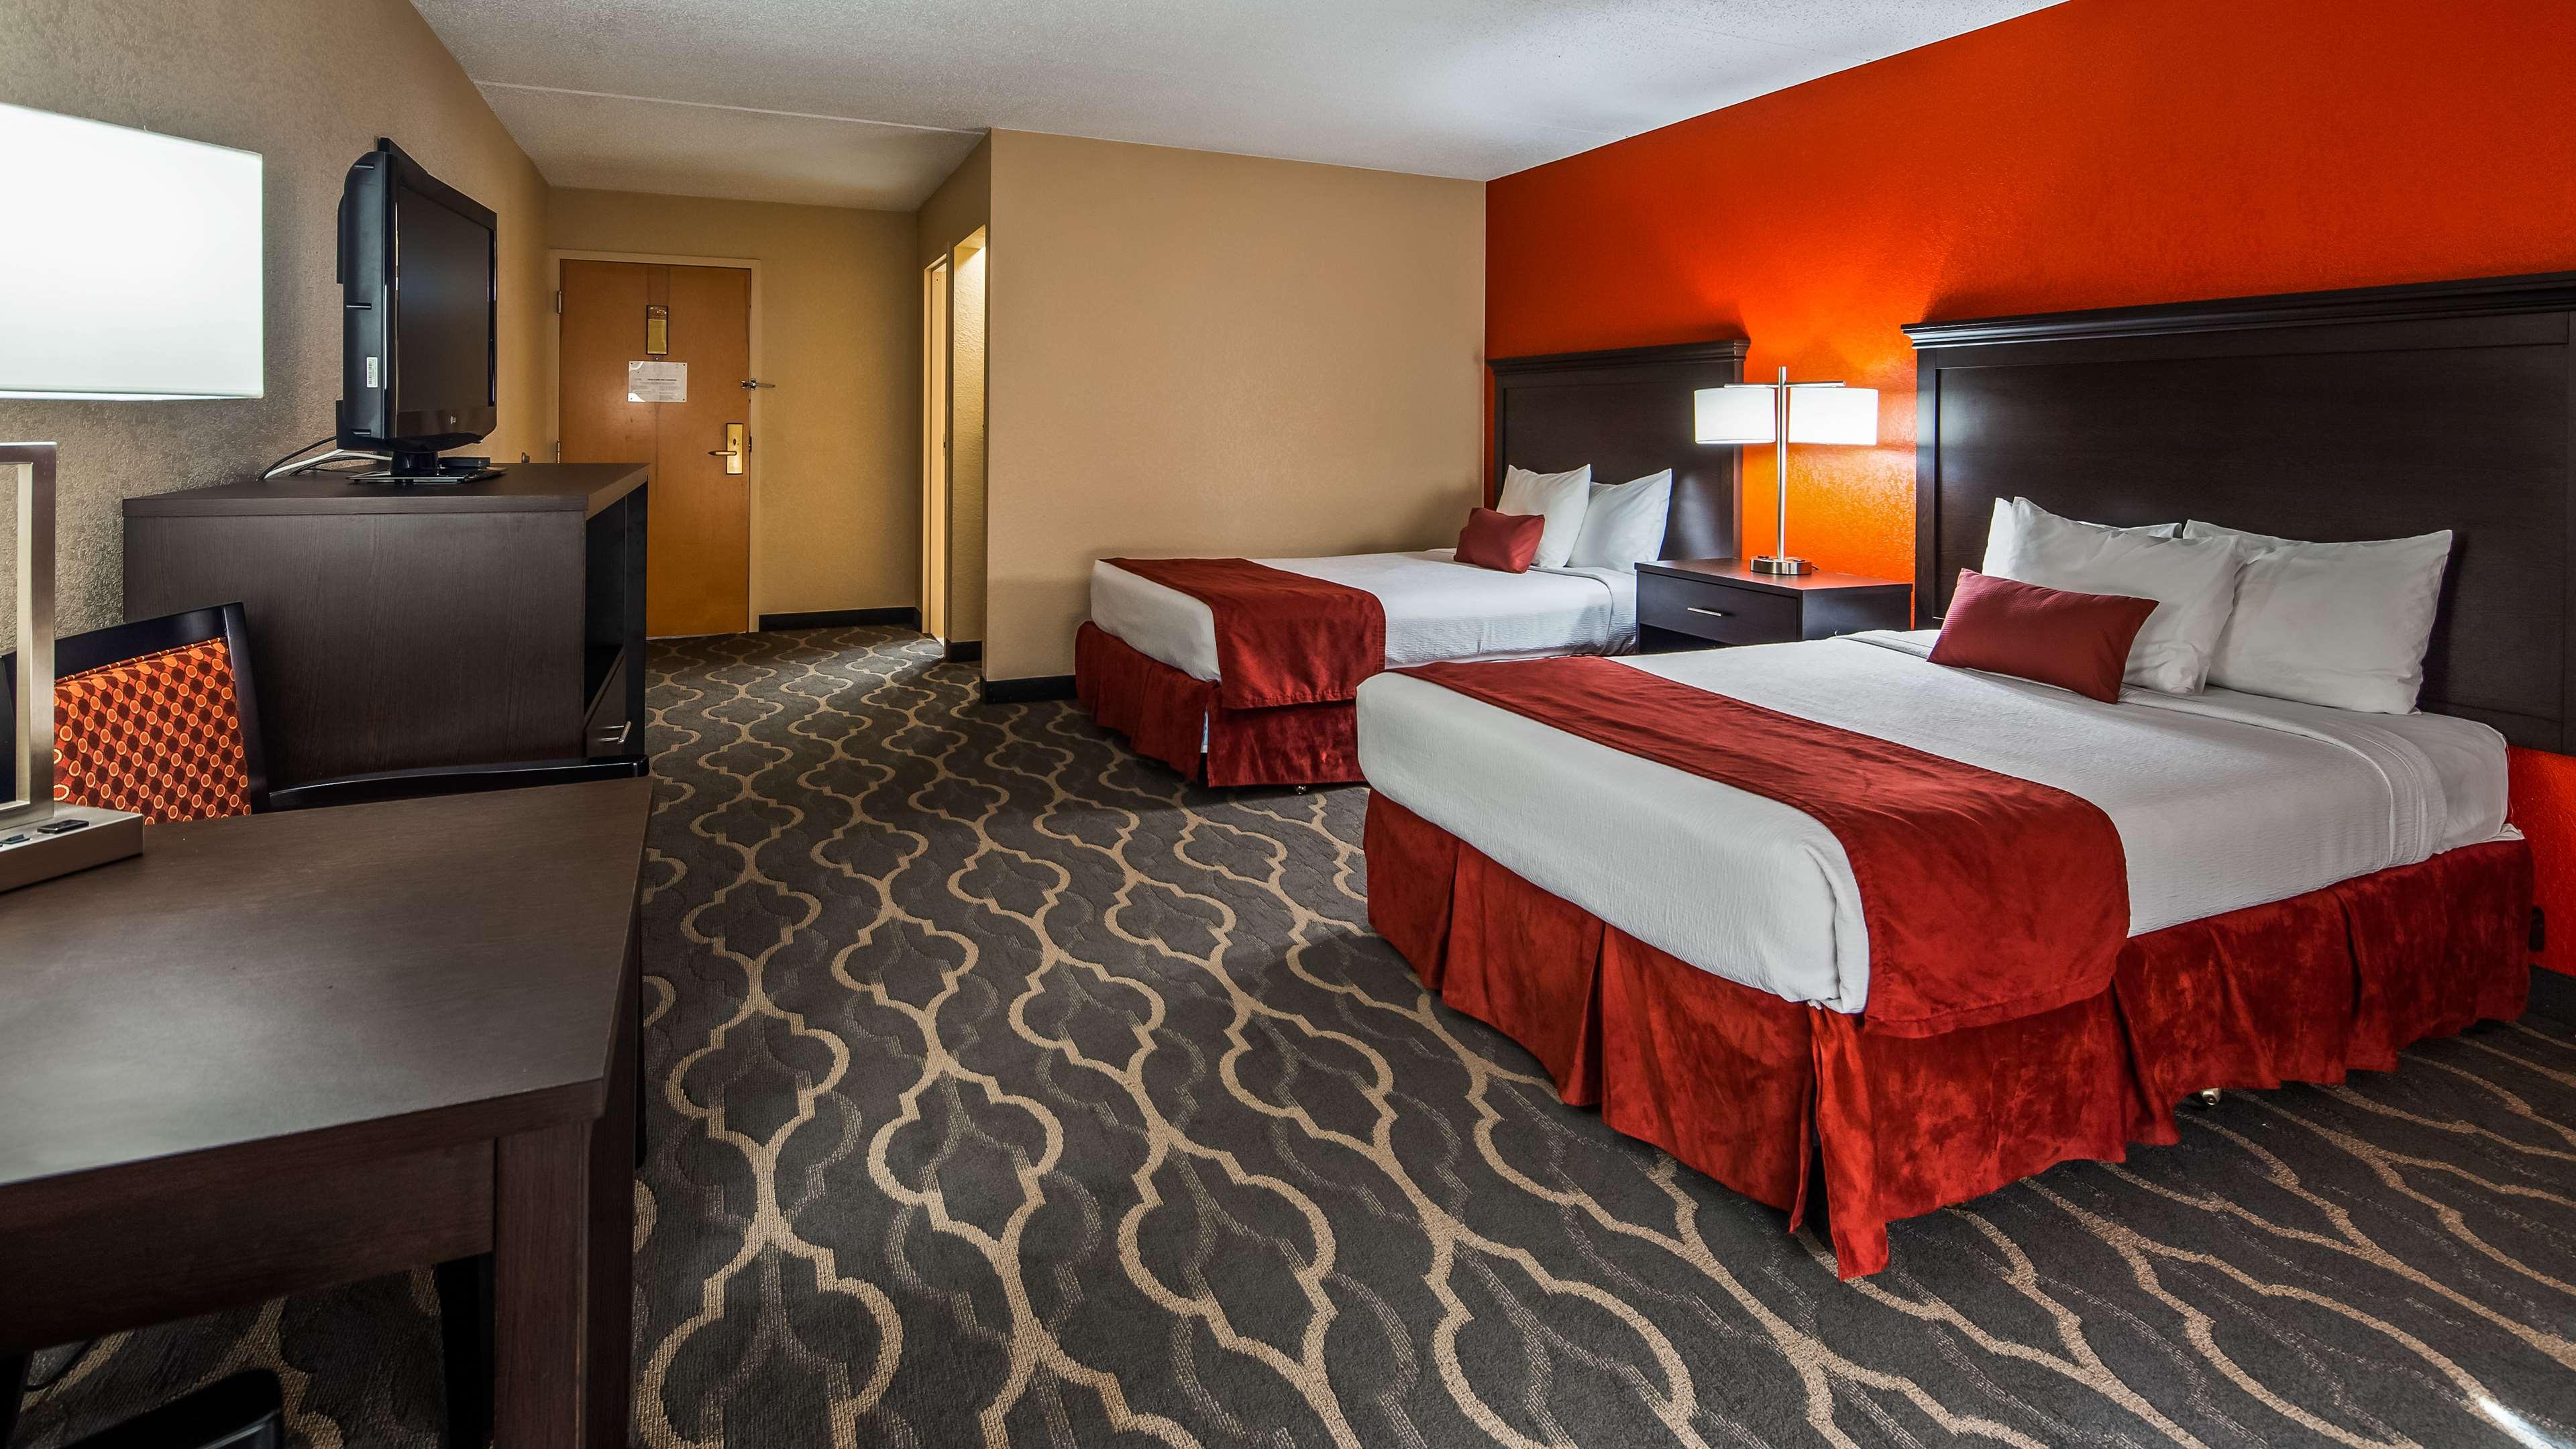 Best Western Inn at Blakeslee-Pocono image 12